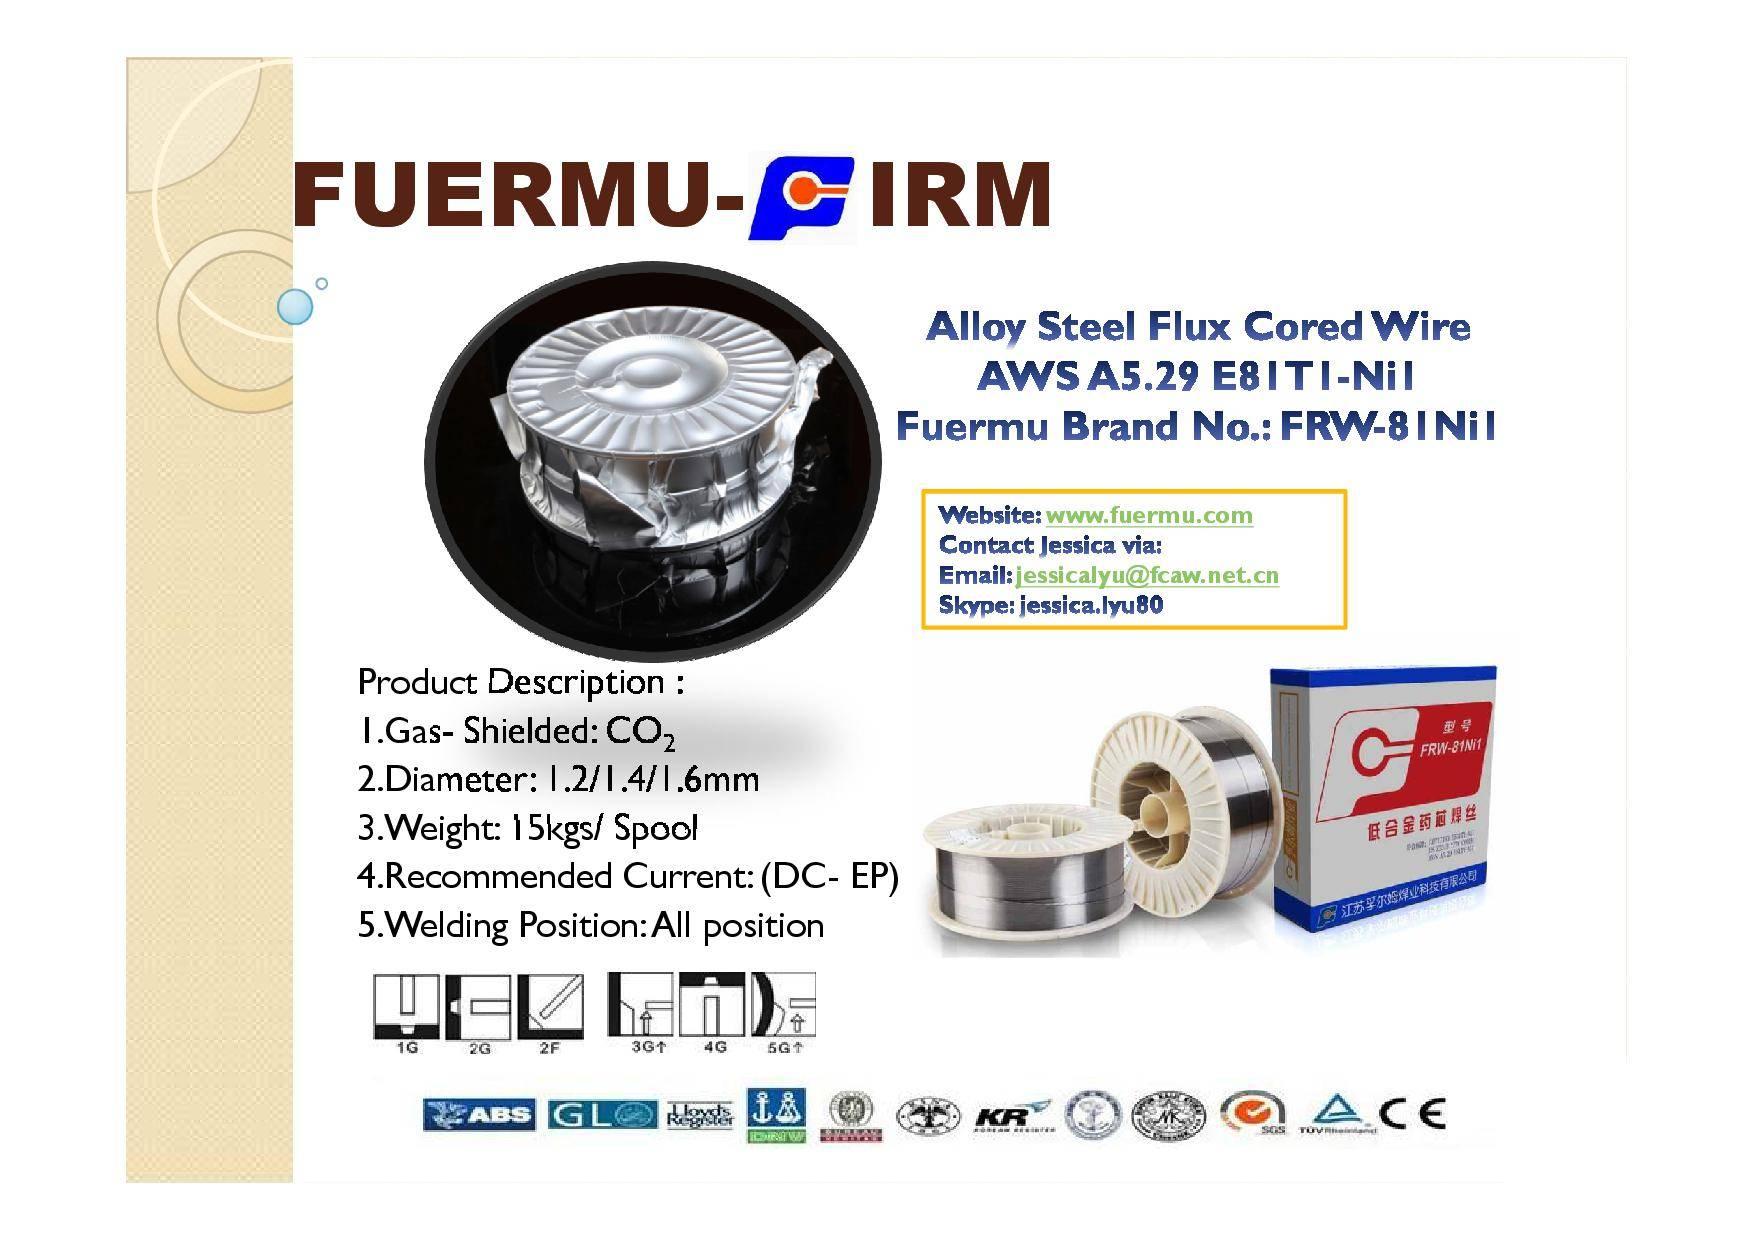 E81T1-Ni1 Flux Cored Welding Wire, Fuermu Brand: FRW-81Ni1